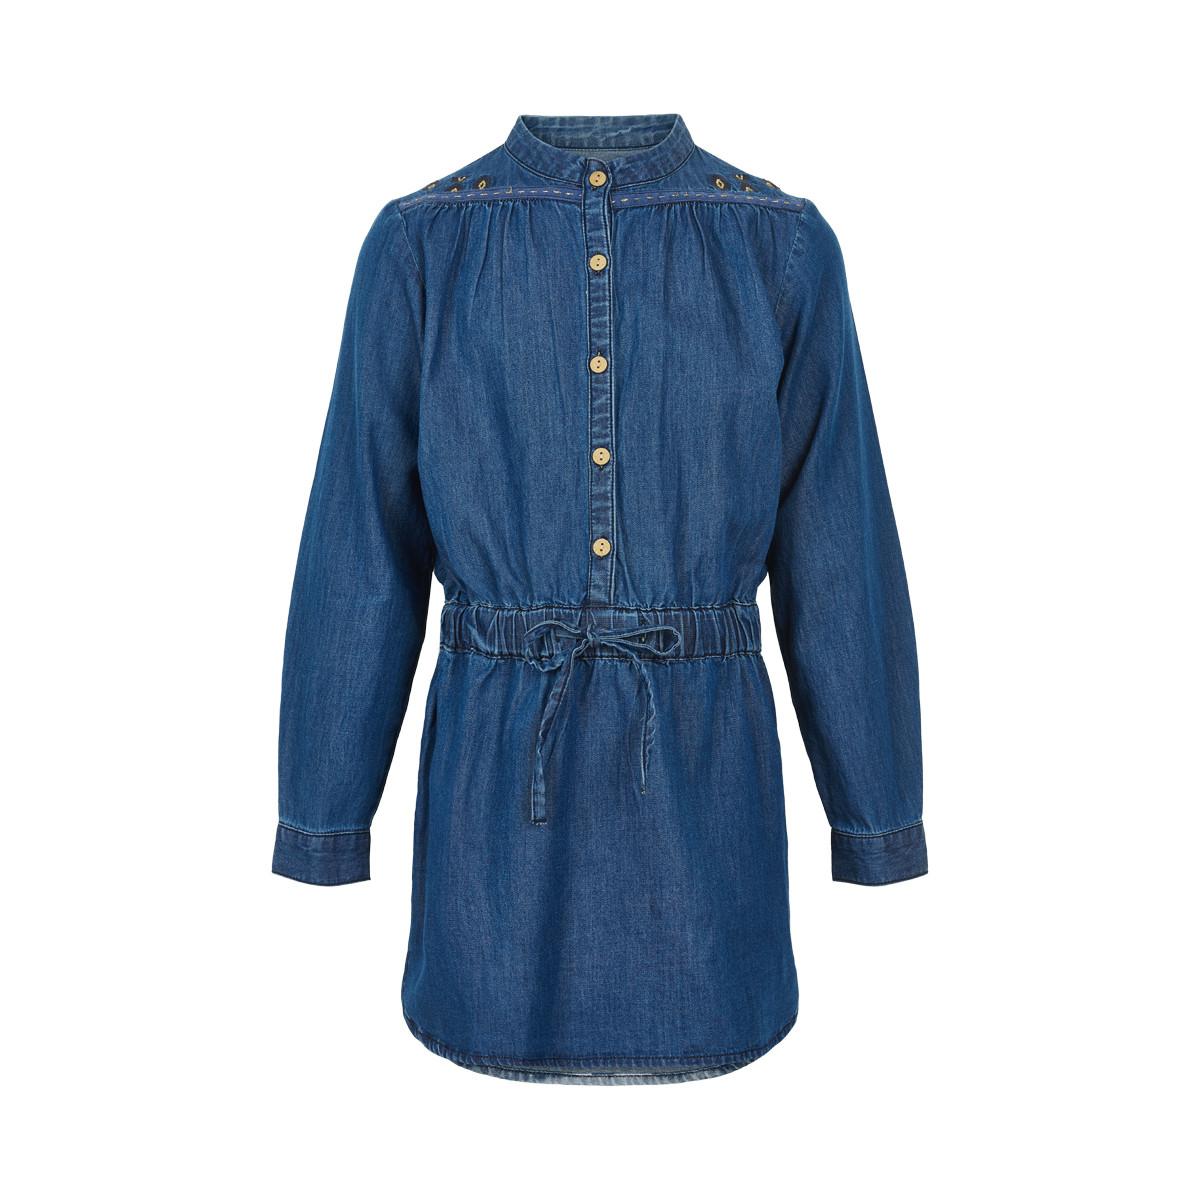 Minymo   Dress   4y-14y   140884-7770